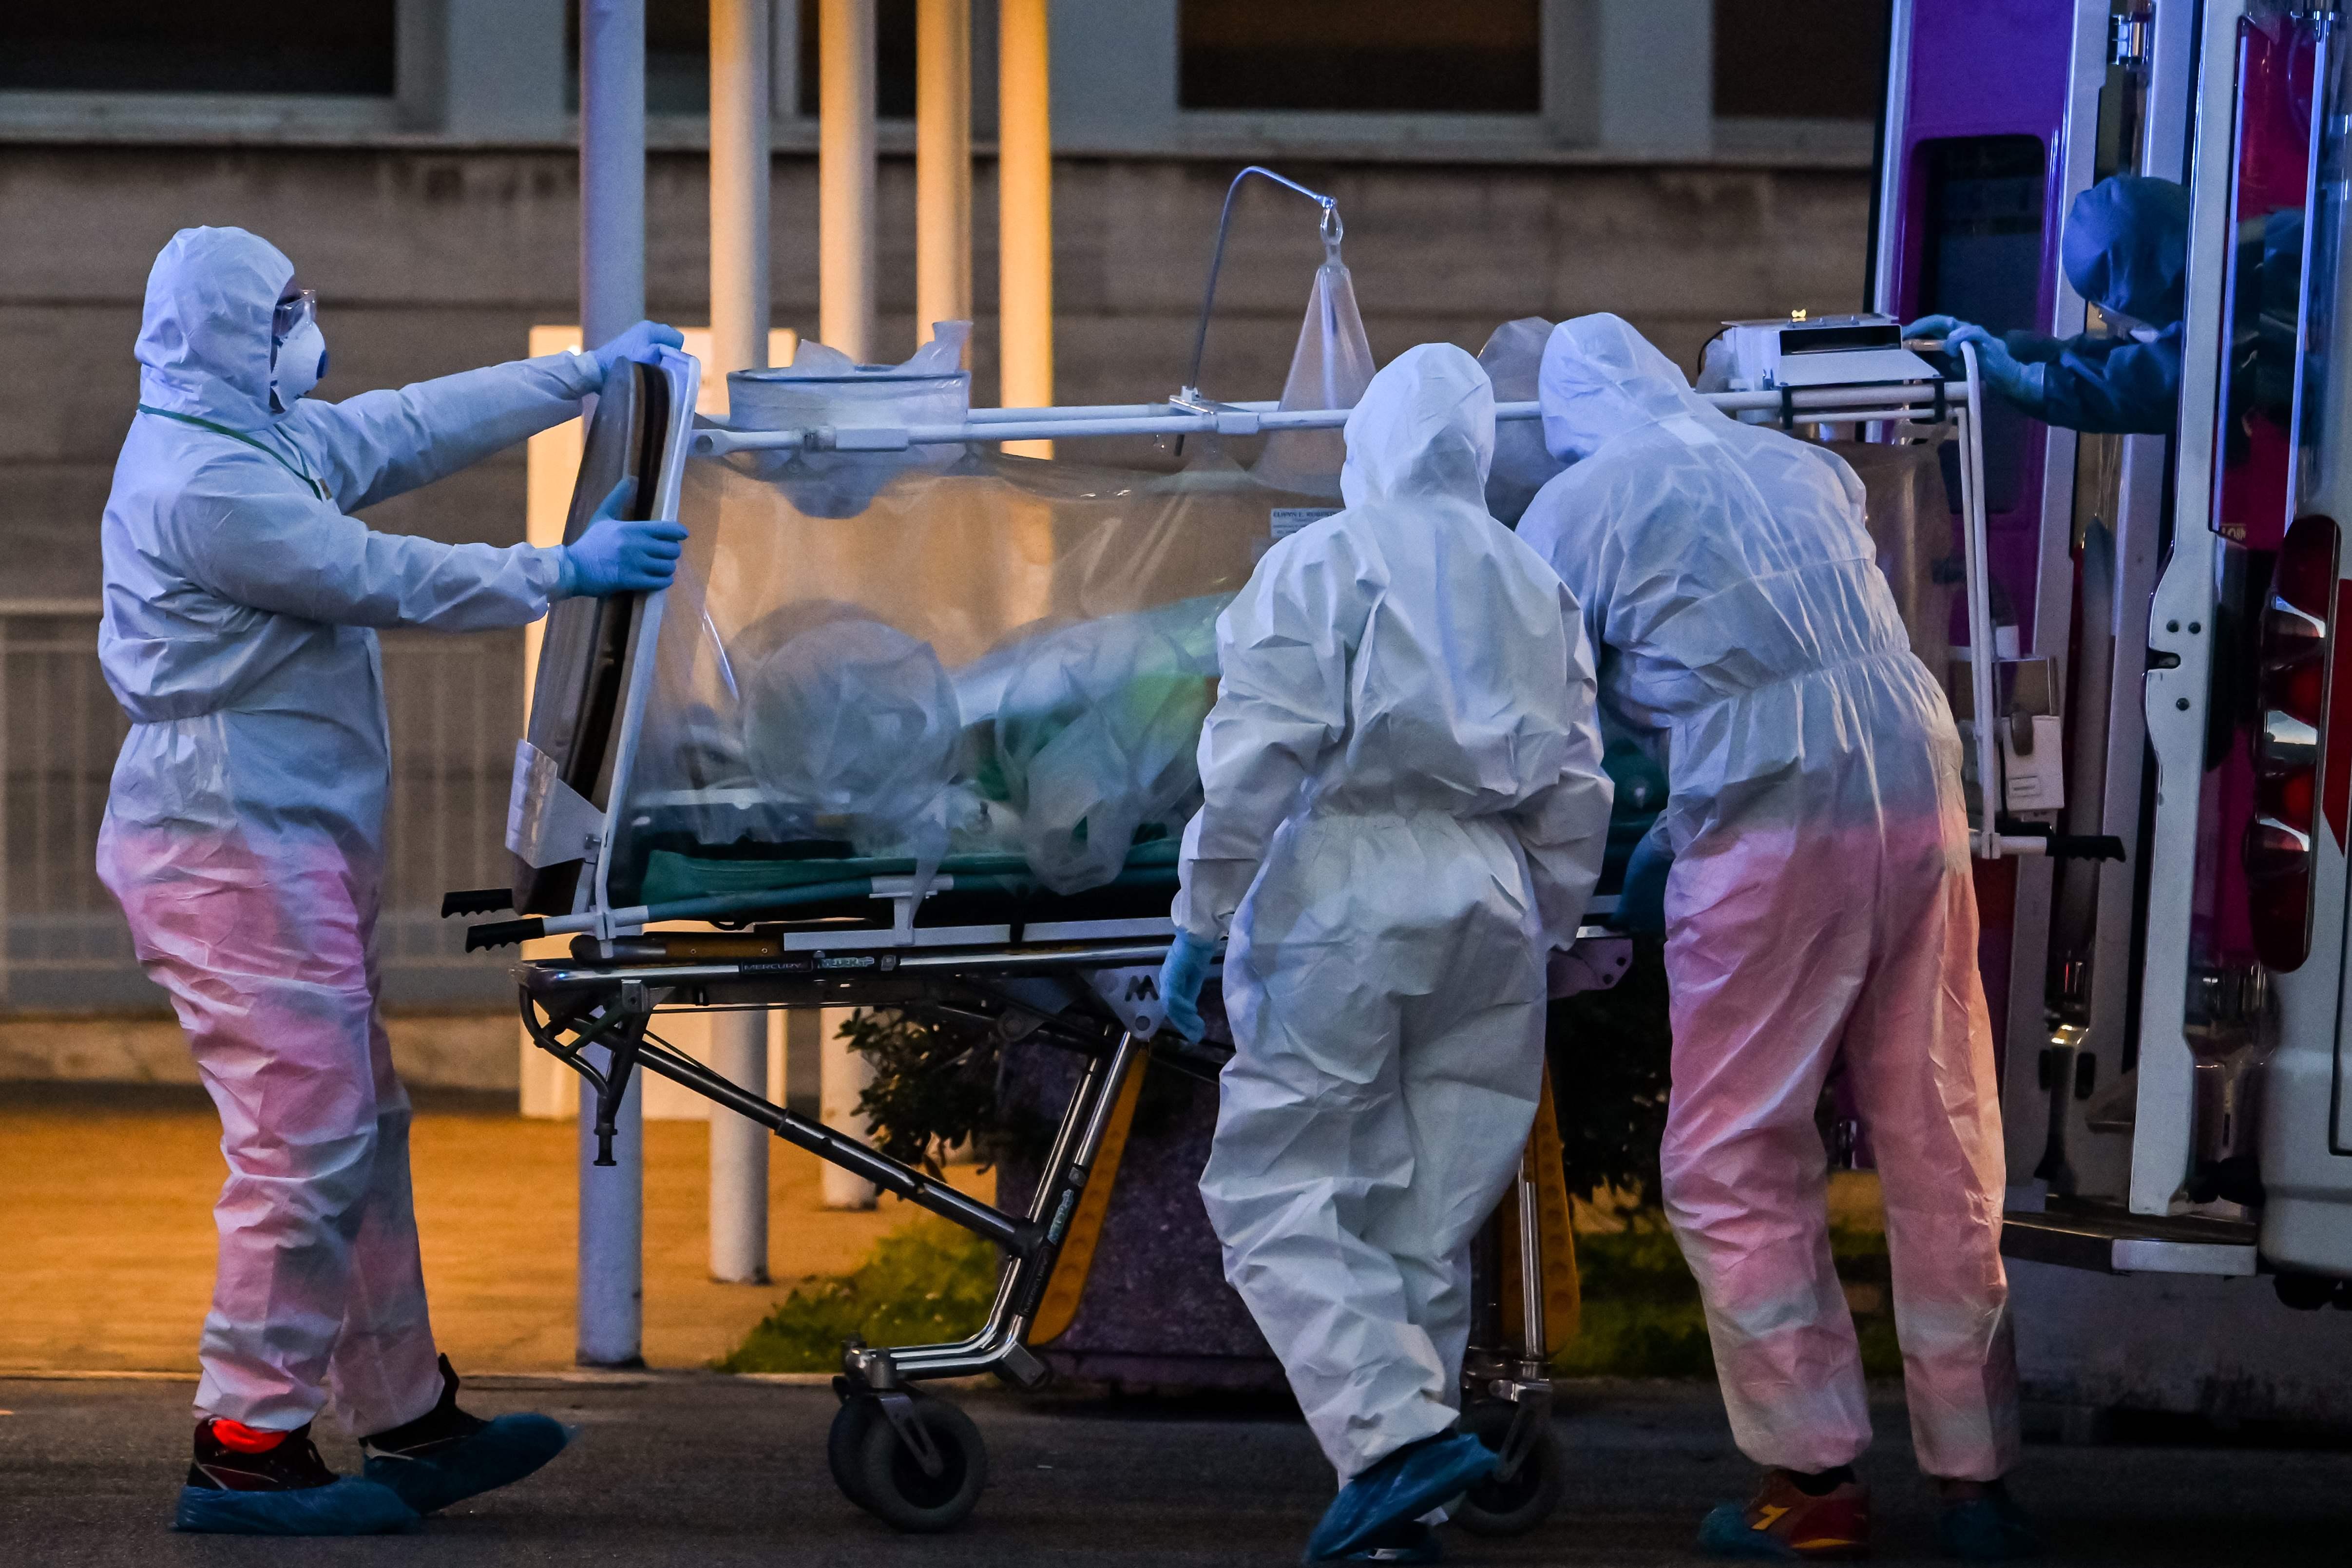 Новые расчеты показали, что в некоторых странах коронавирус может убить до 1% населения